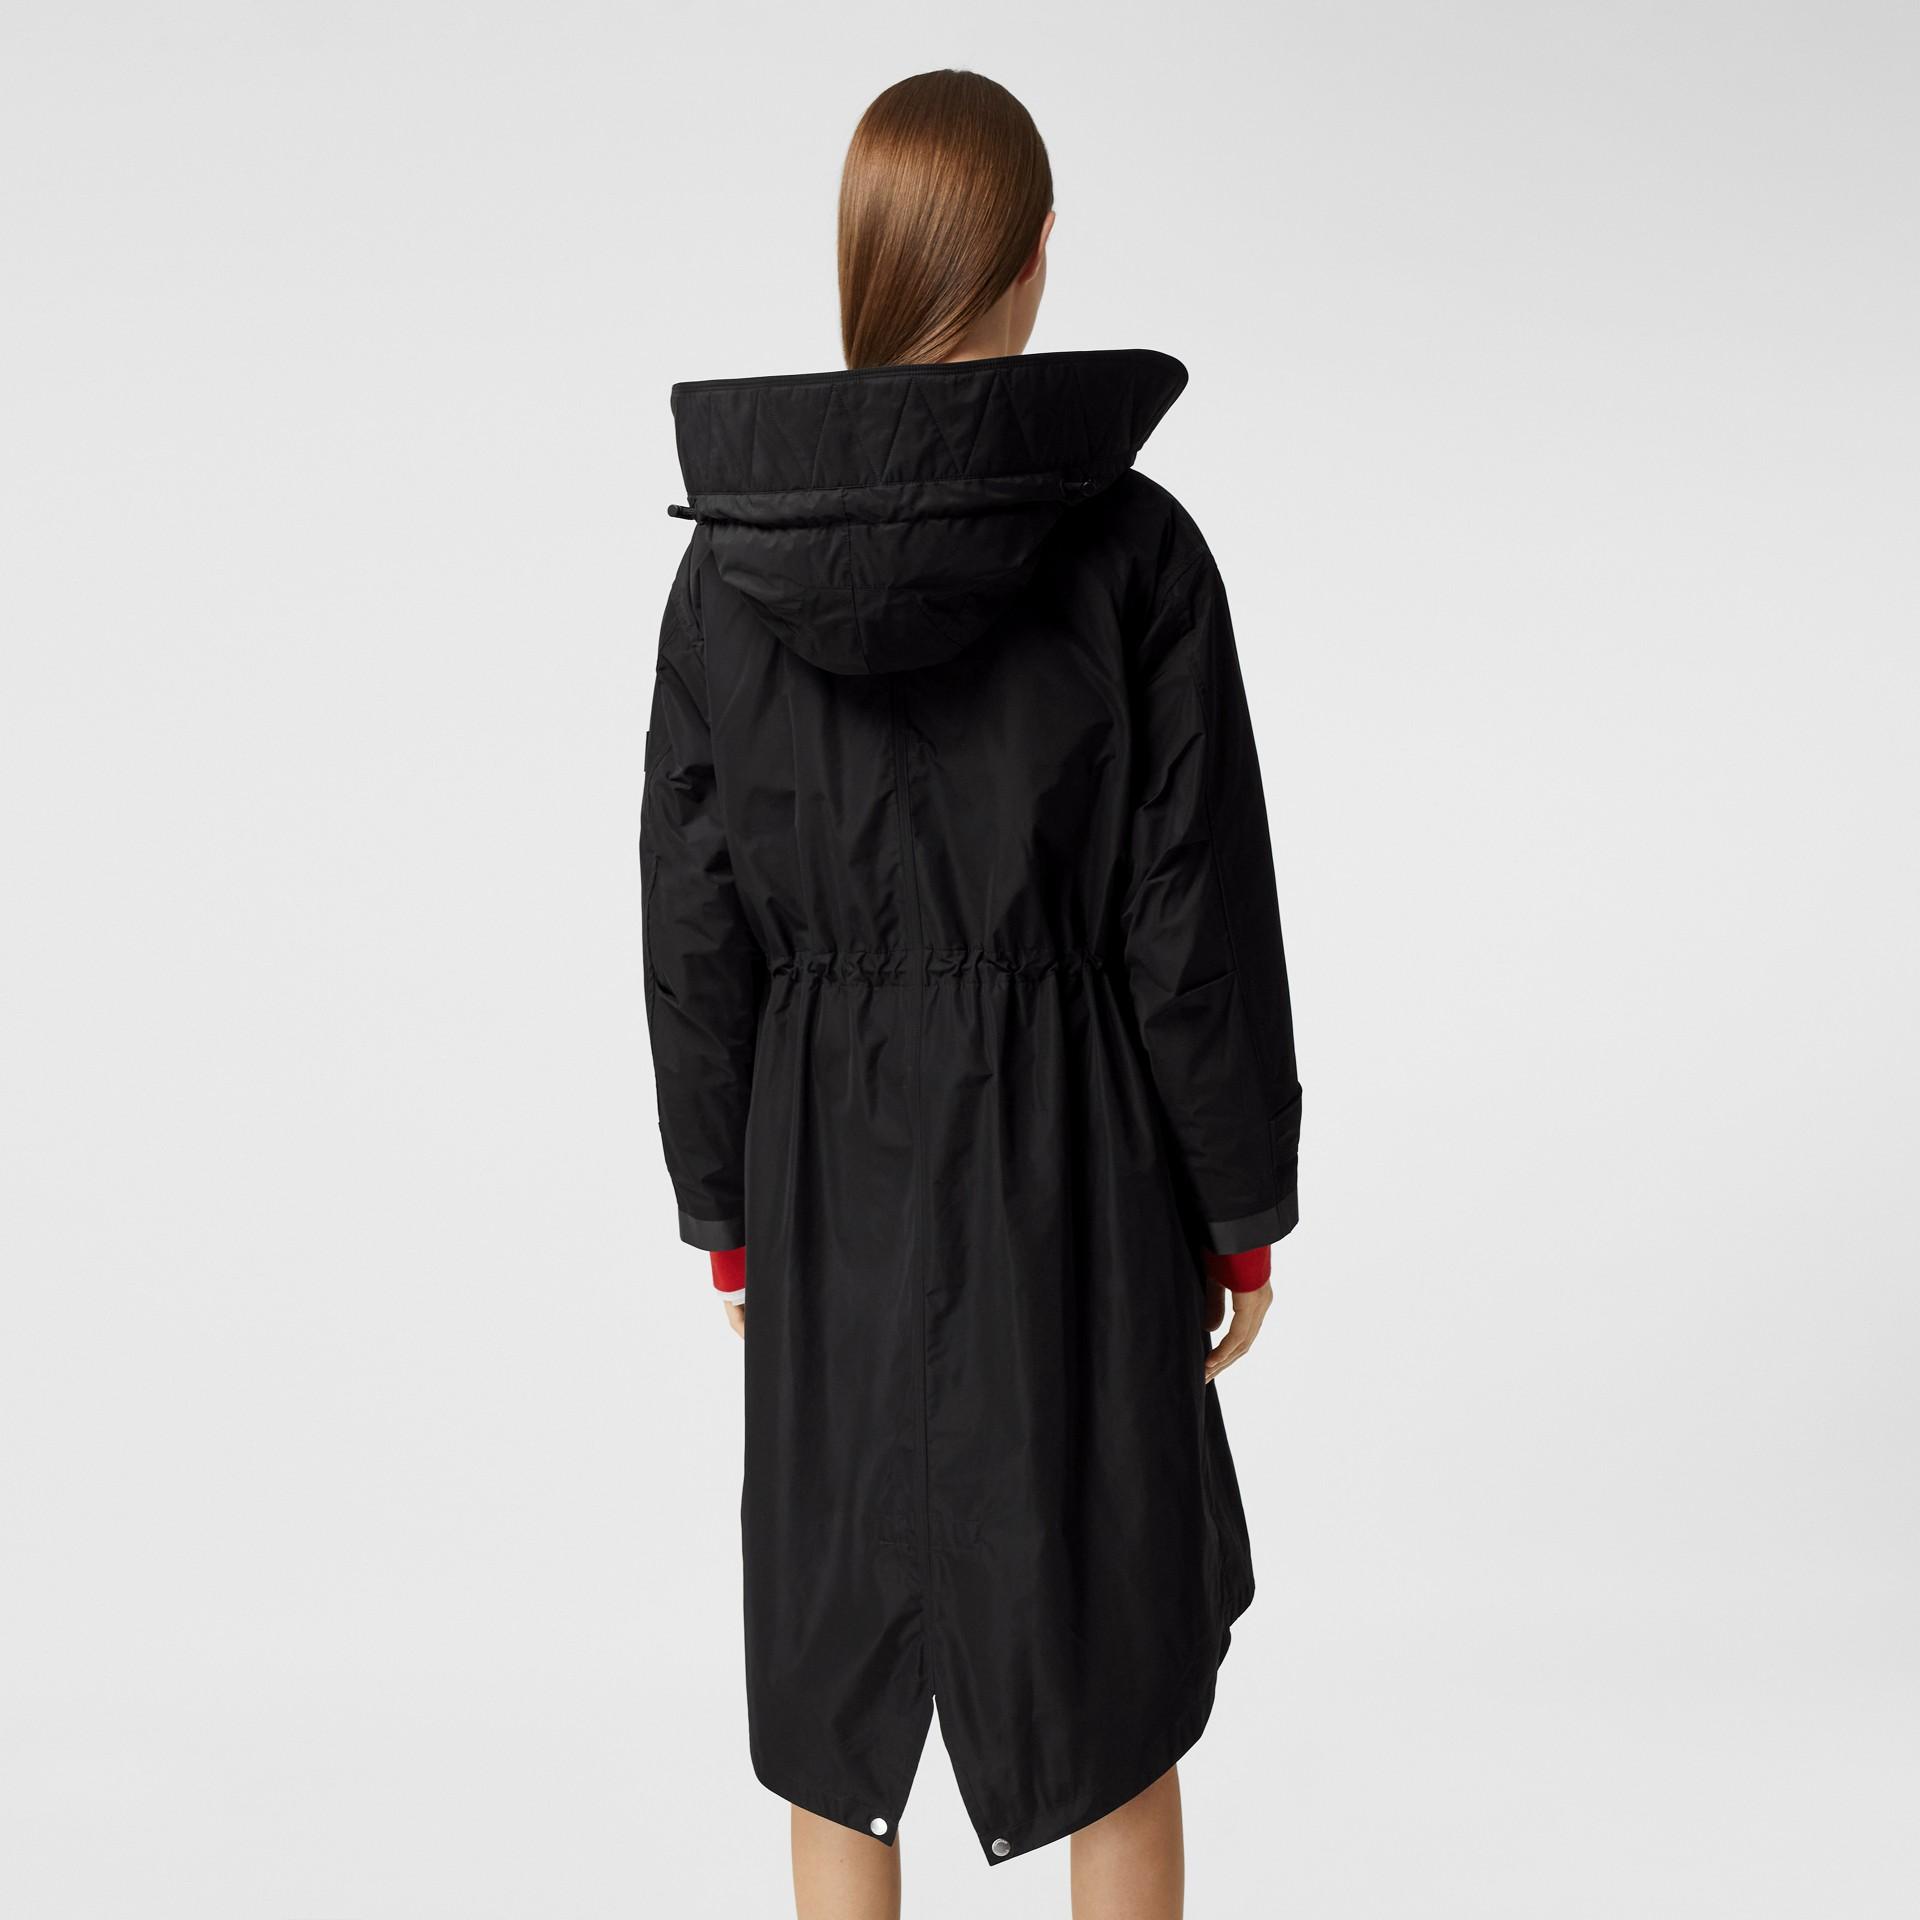 Parka en taffetas à mémoire de forme avec capuche amovible (Noir) - Femme | Burberry - photo de la galerie 2